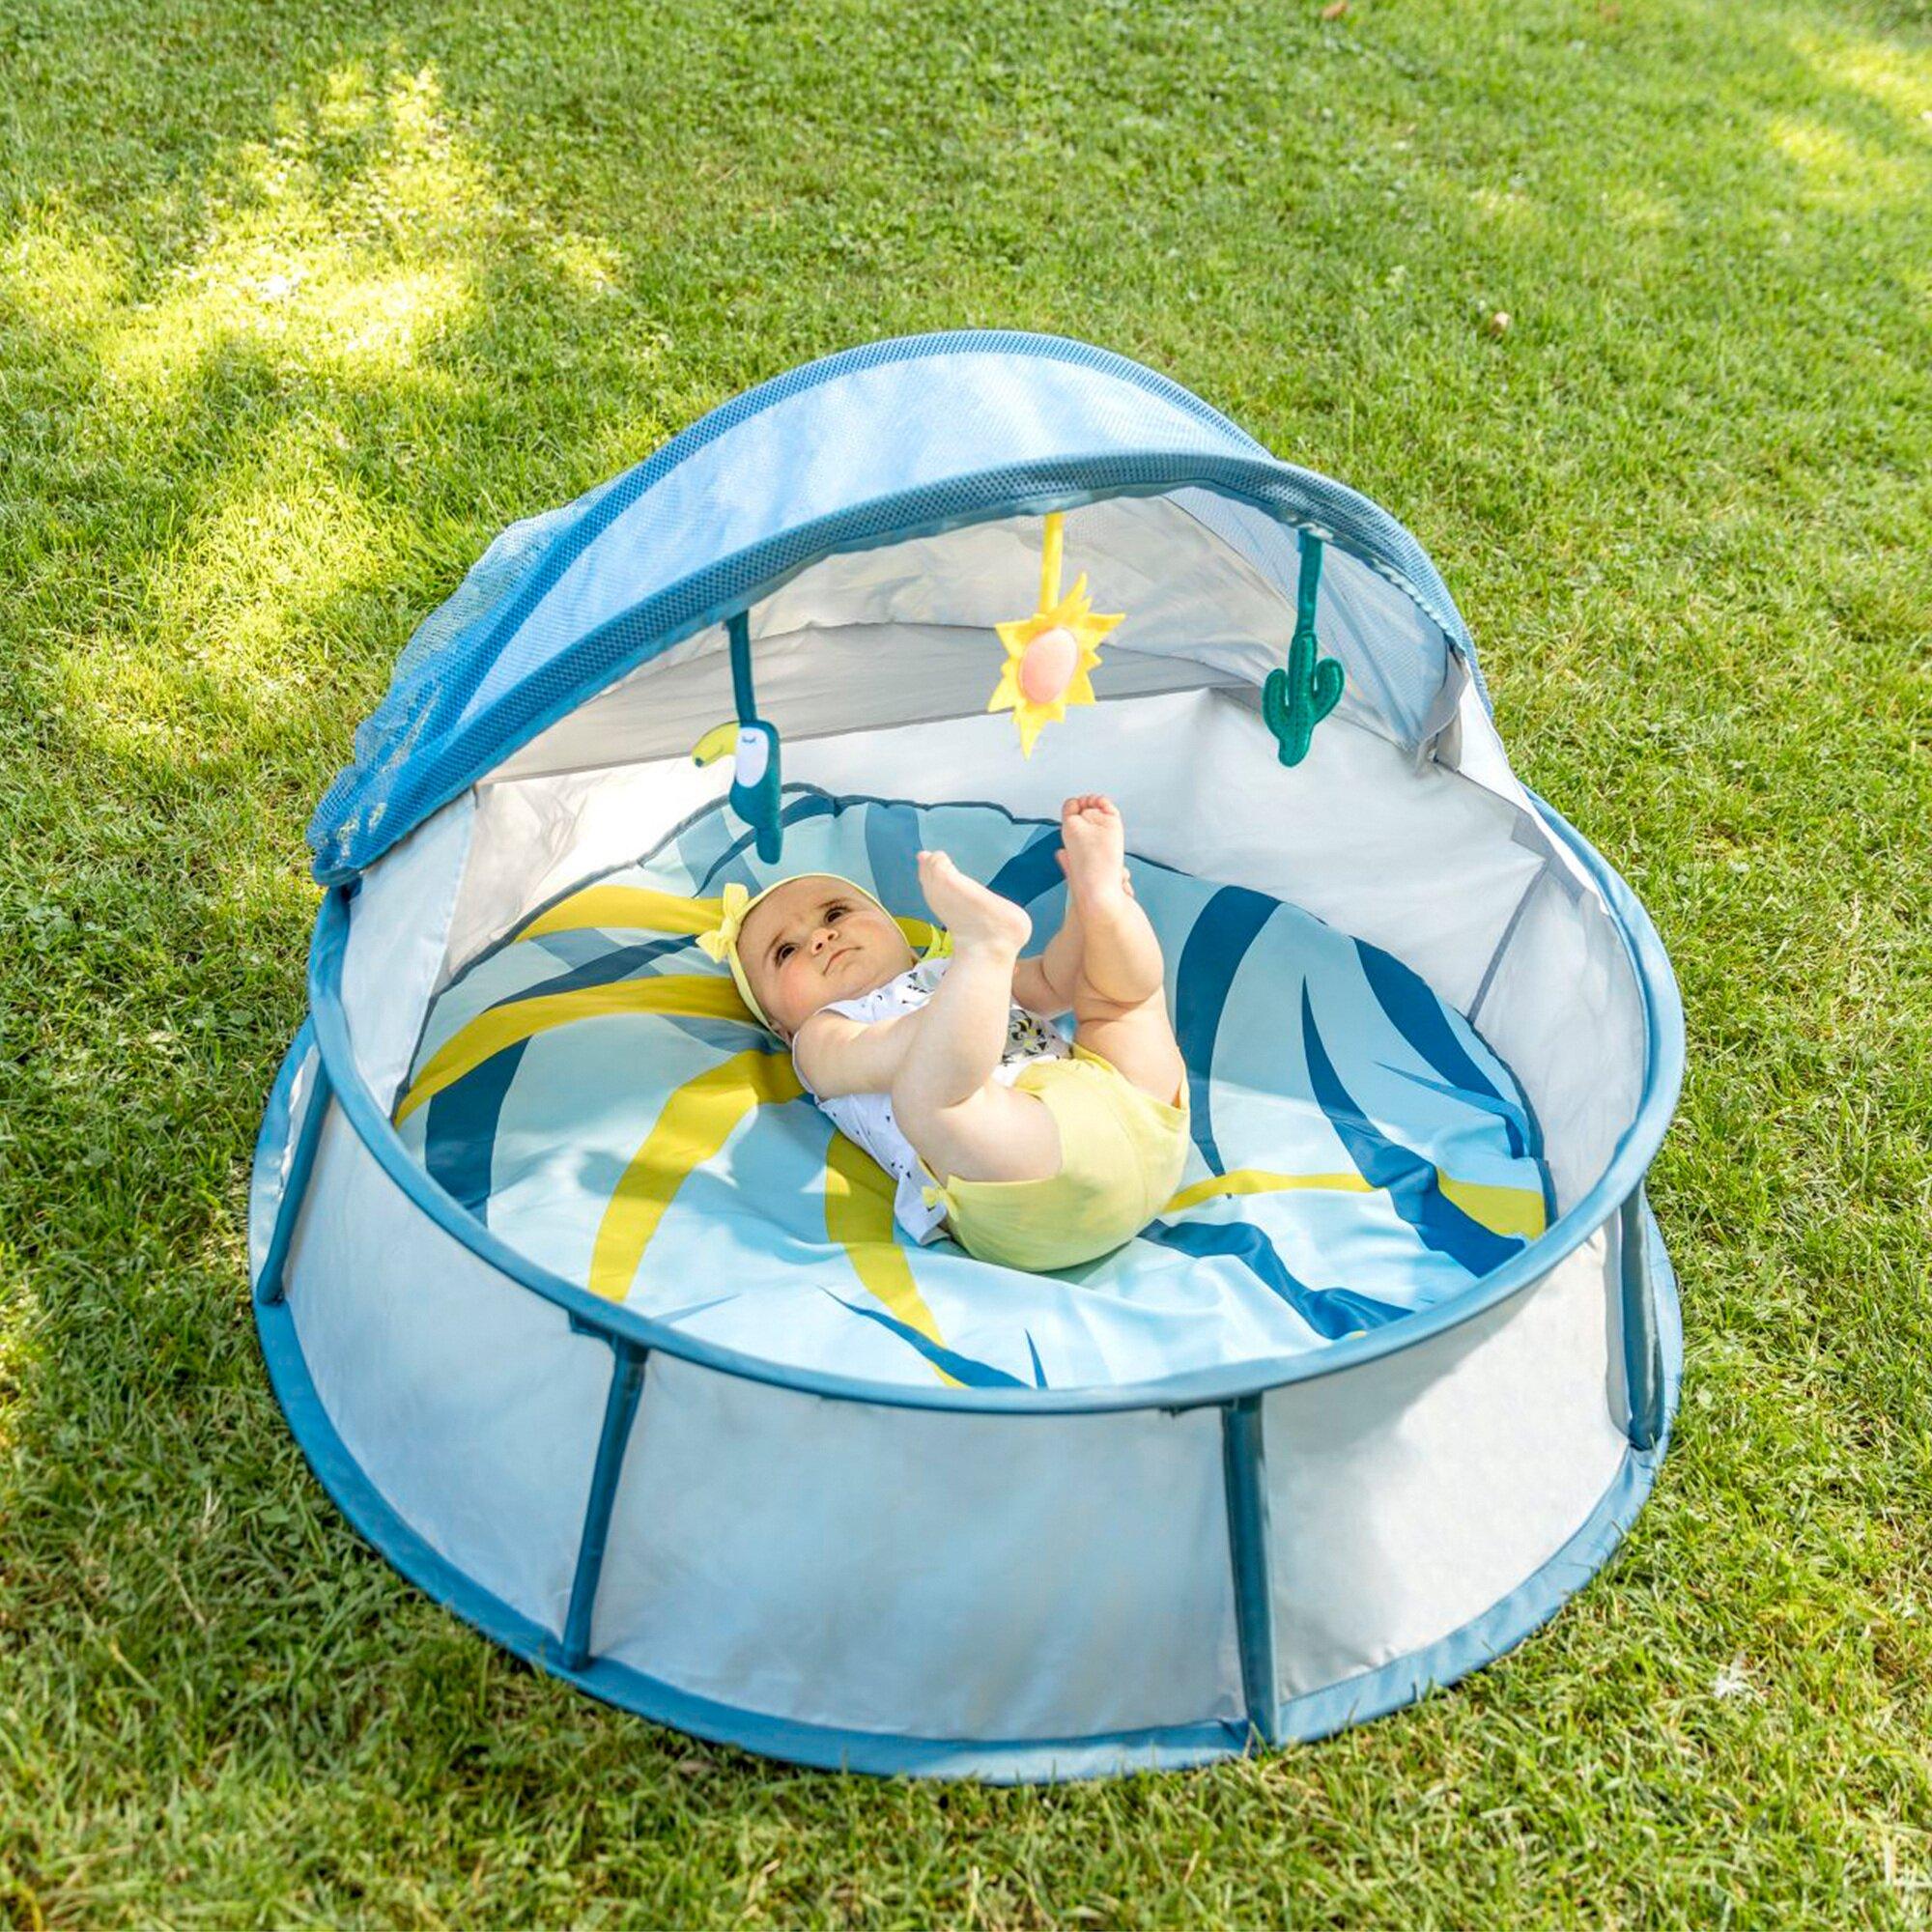 babymoov-reise-strandbett-babyni-tropical-mit-uv-schutz